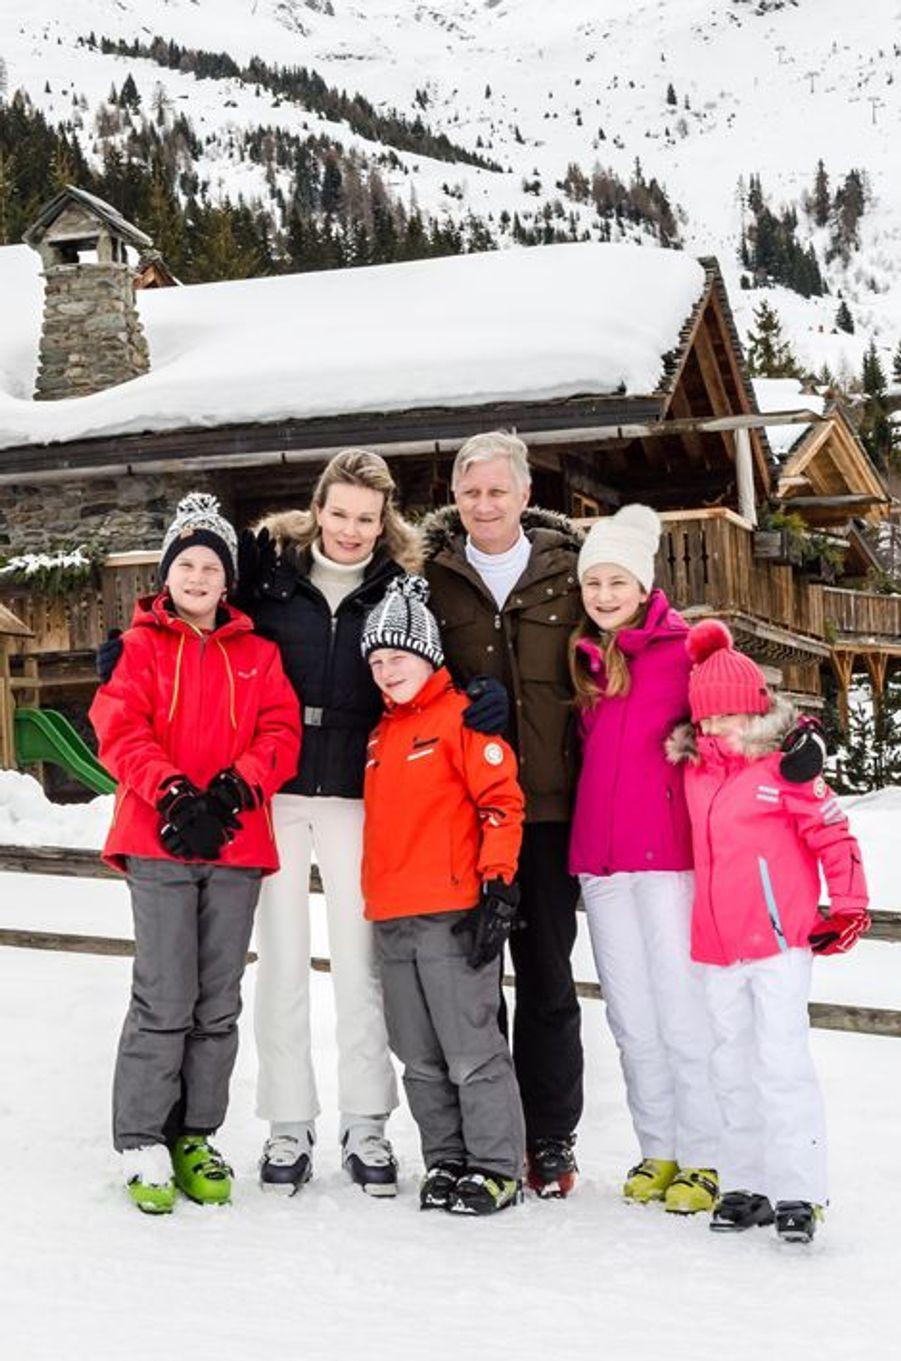 La reine Mathilde avec le roi Philippe de Belgique et leurs enfants à Verbier, le 8 février 2016